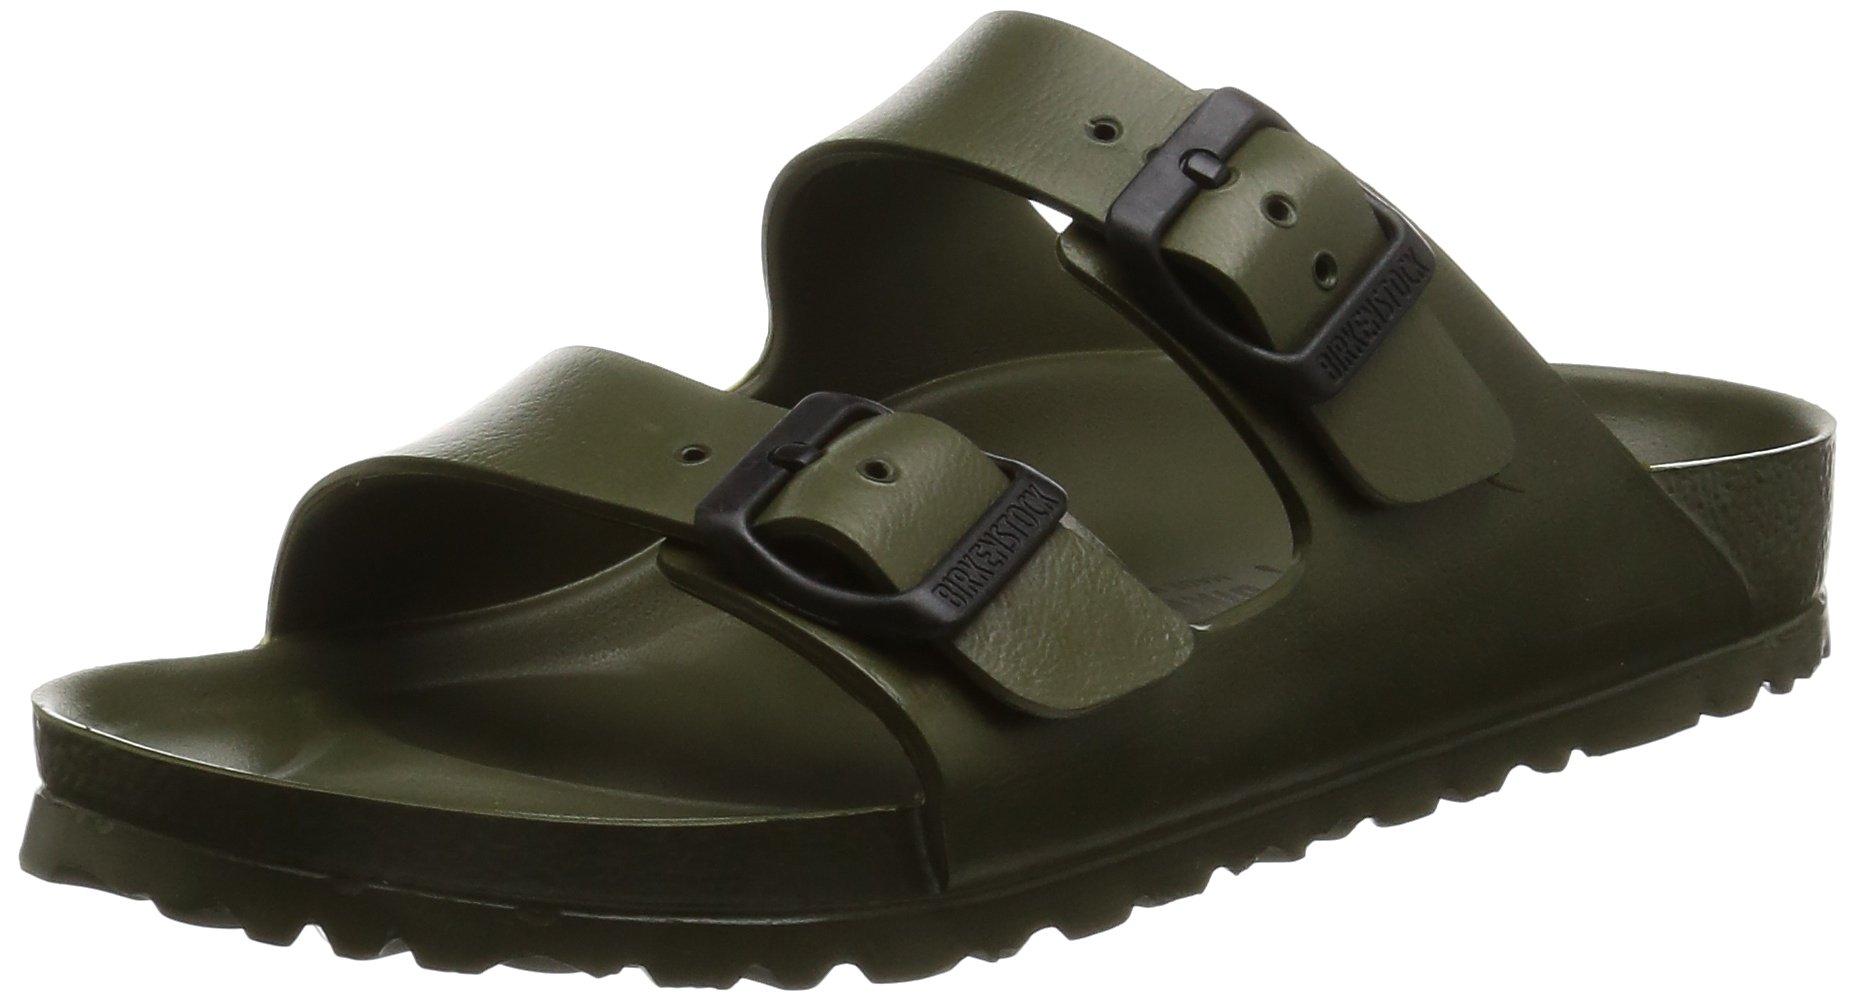 Birkenstock Unisex Arizona EVA Dual Buckle Sandals, Khaki - 39 N EU